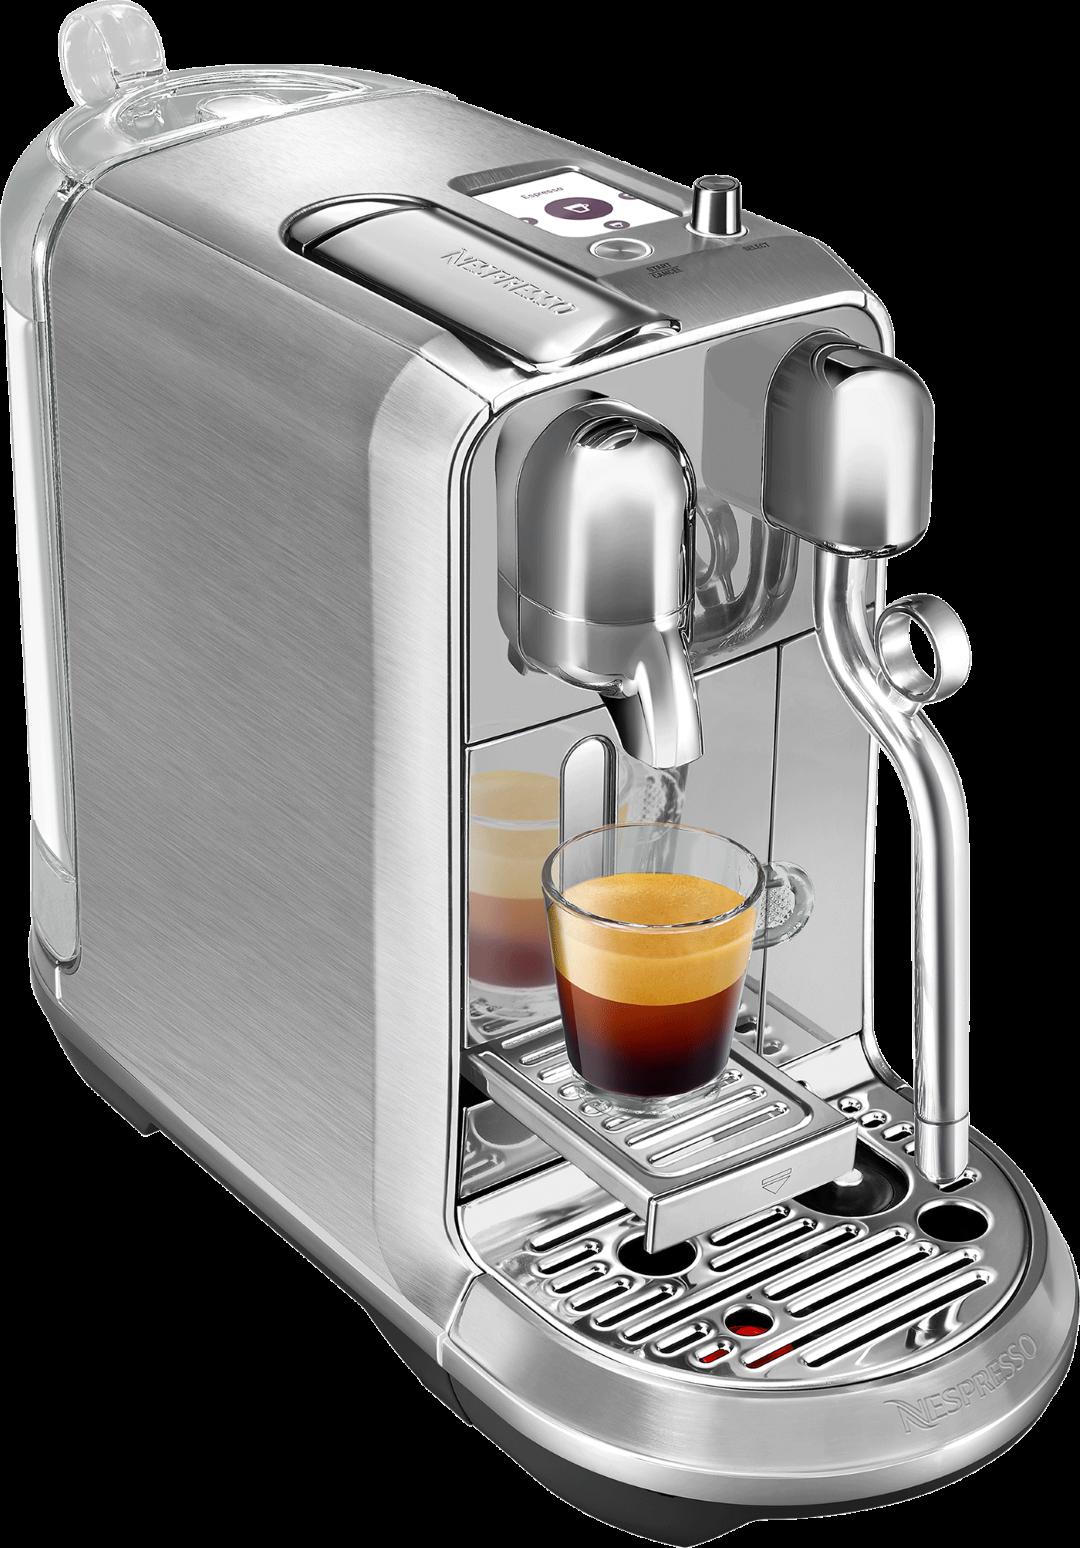 מכונת קפה נספרסו Creatista Plus (צילום: יחצ חול)